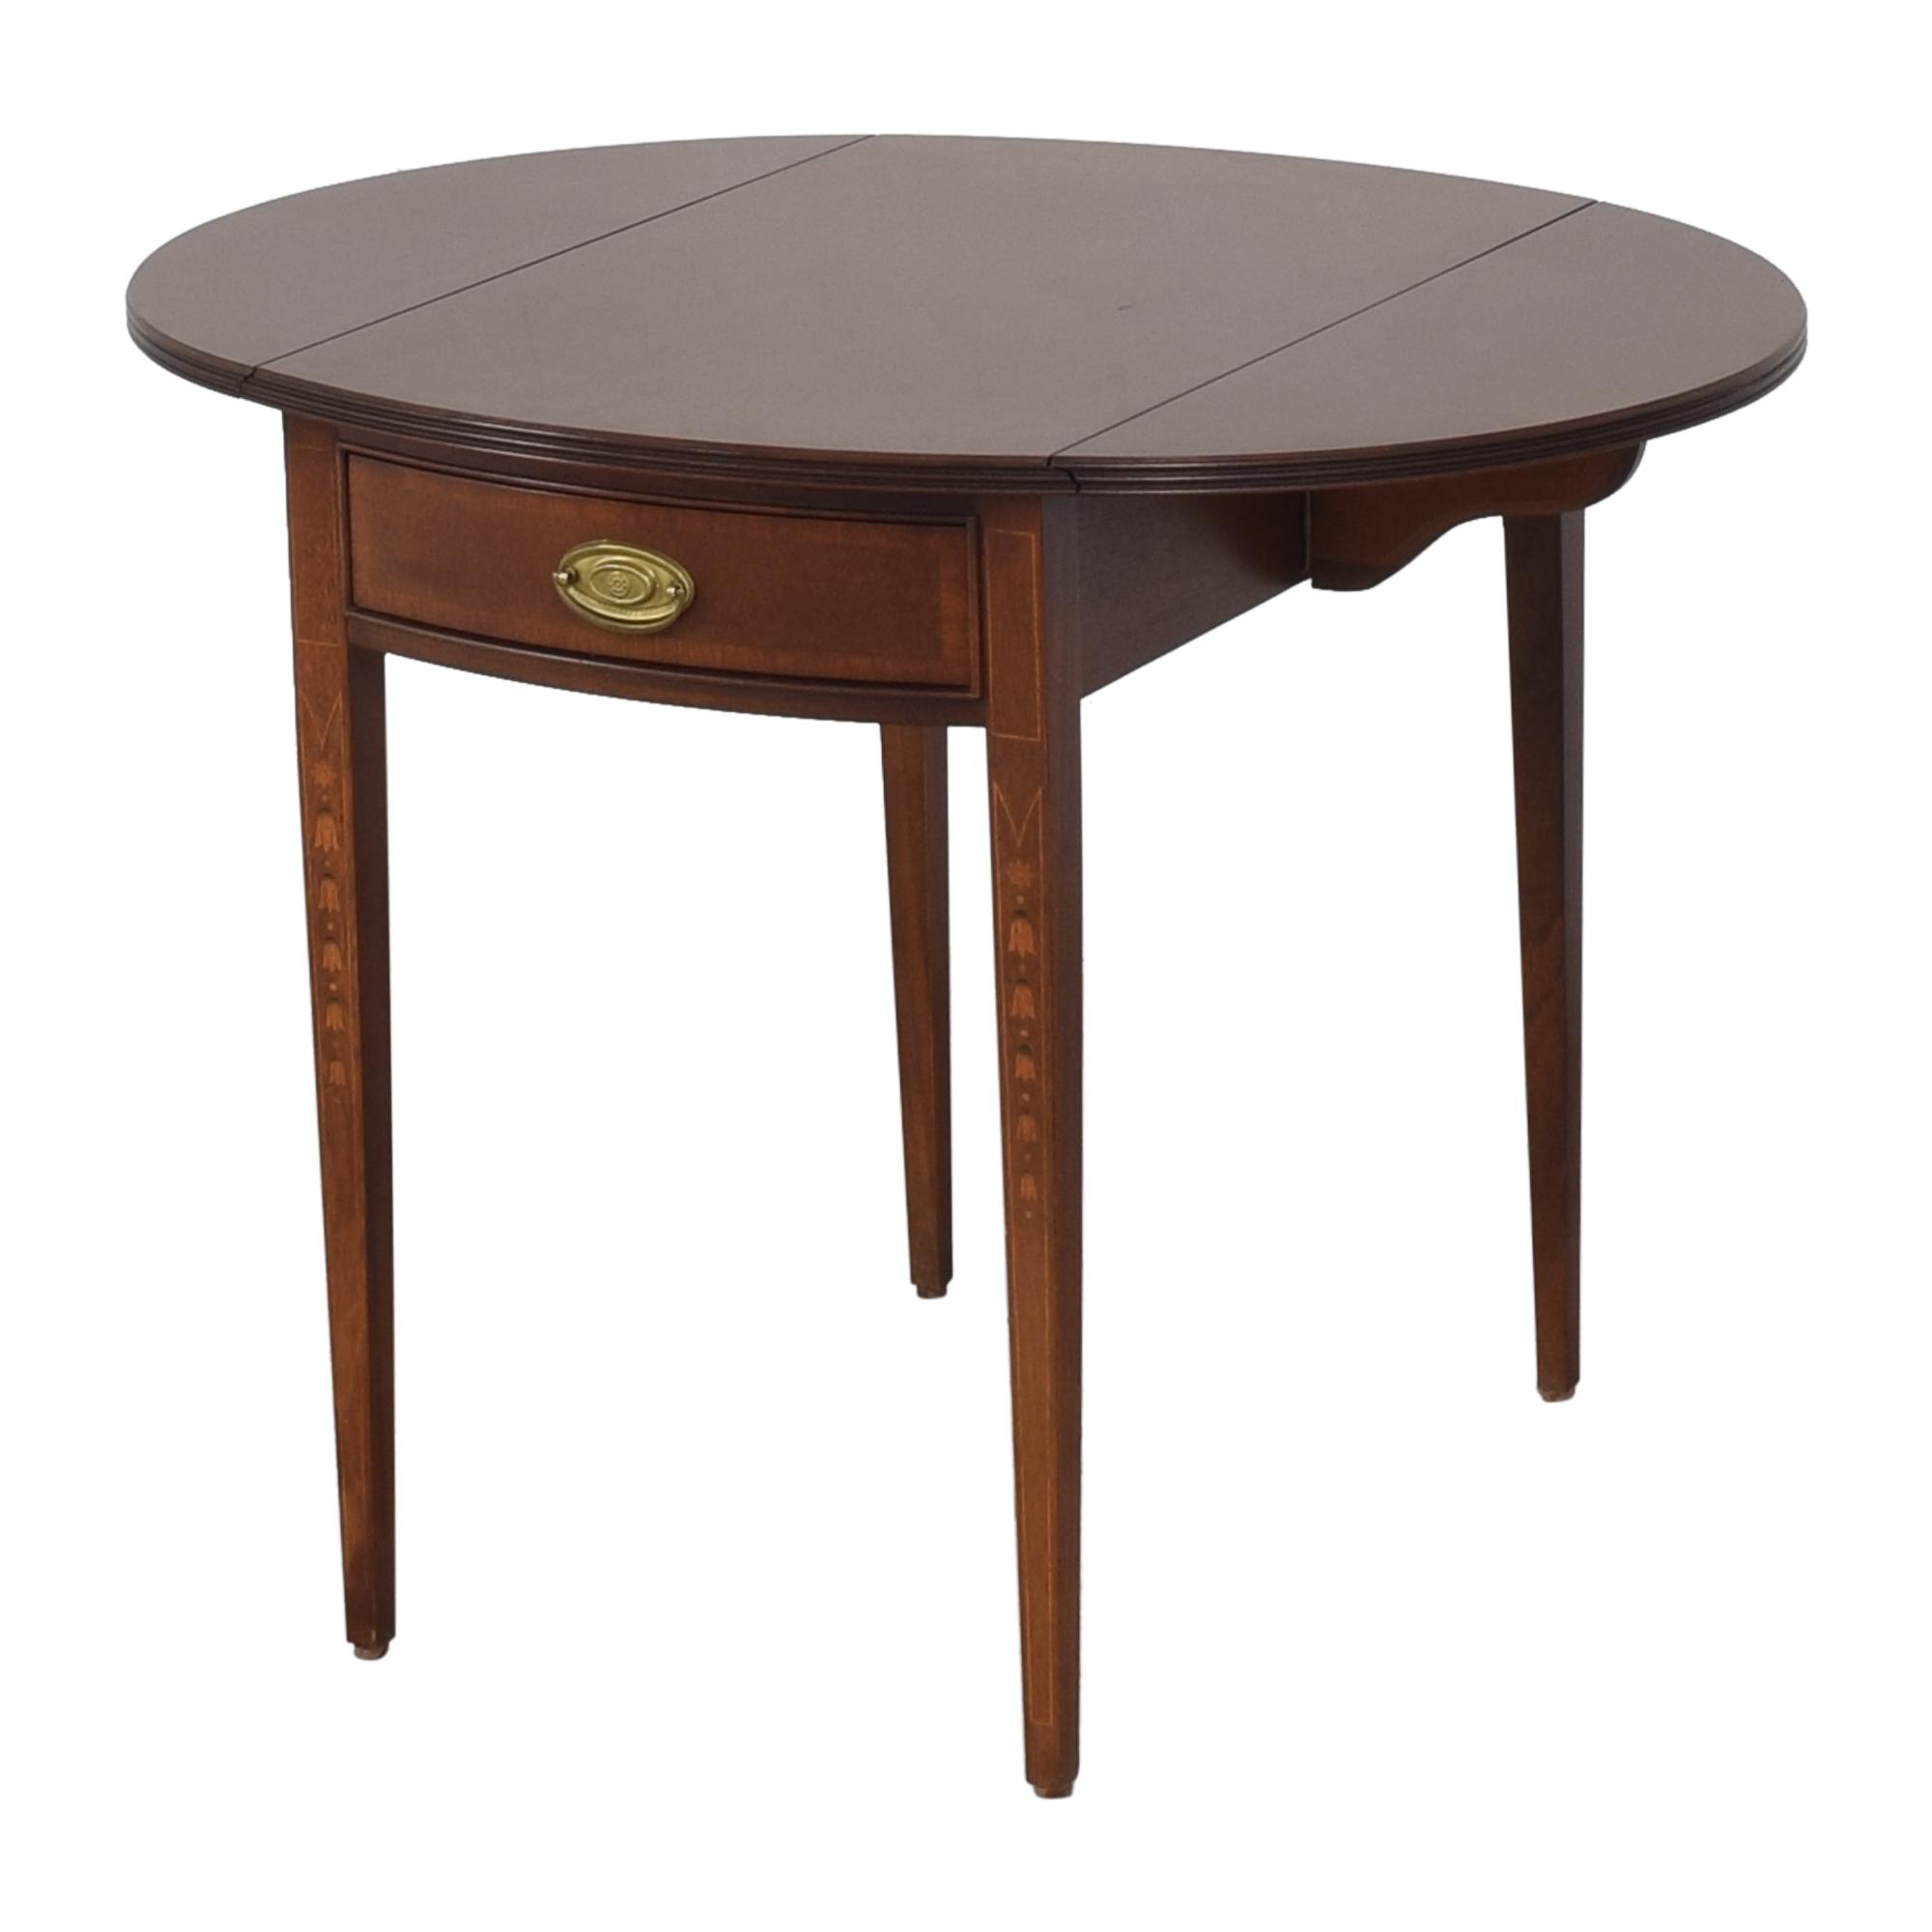 Ethan Allen Ethan Allen 18th Century Collection Pembroke End Table ct